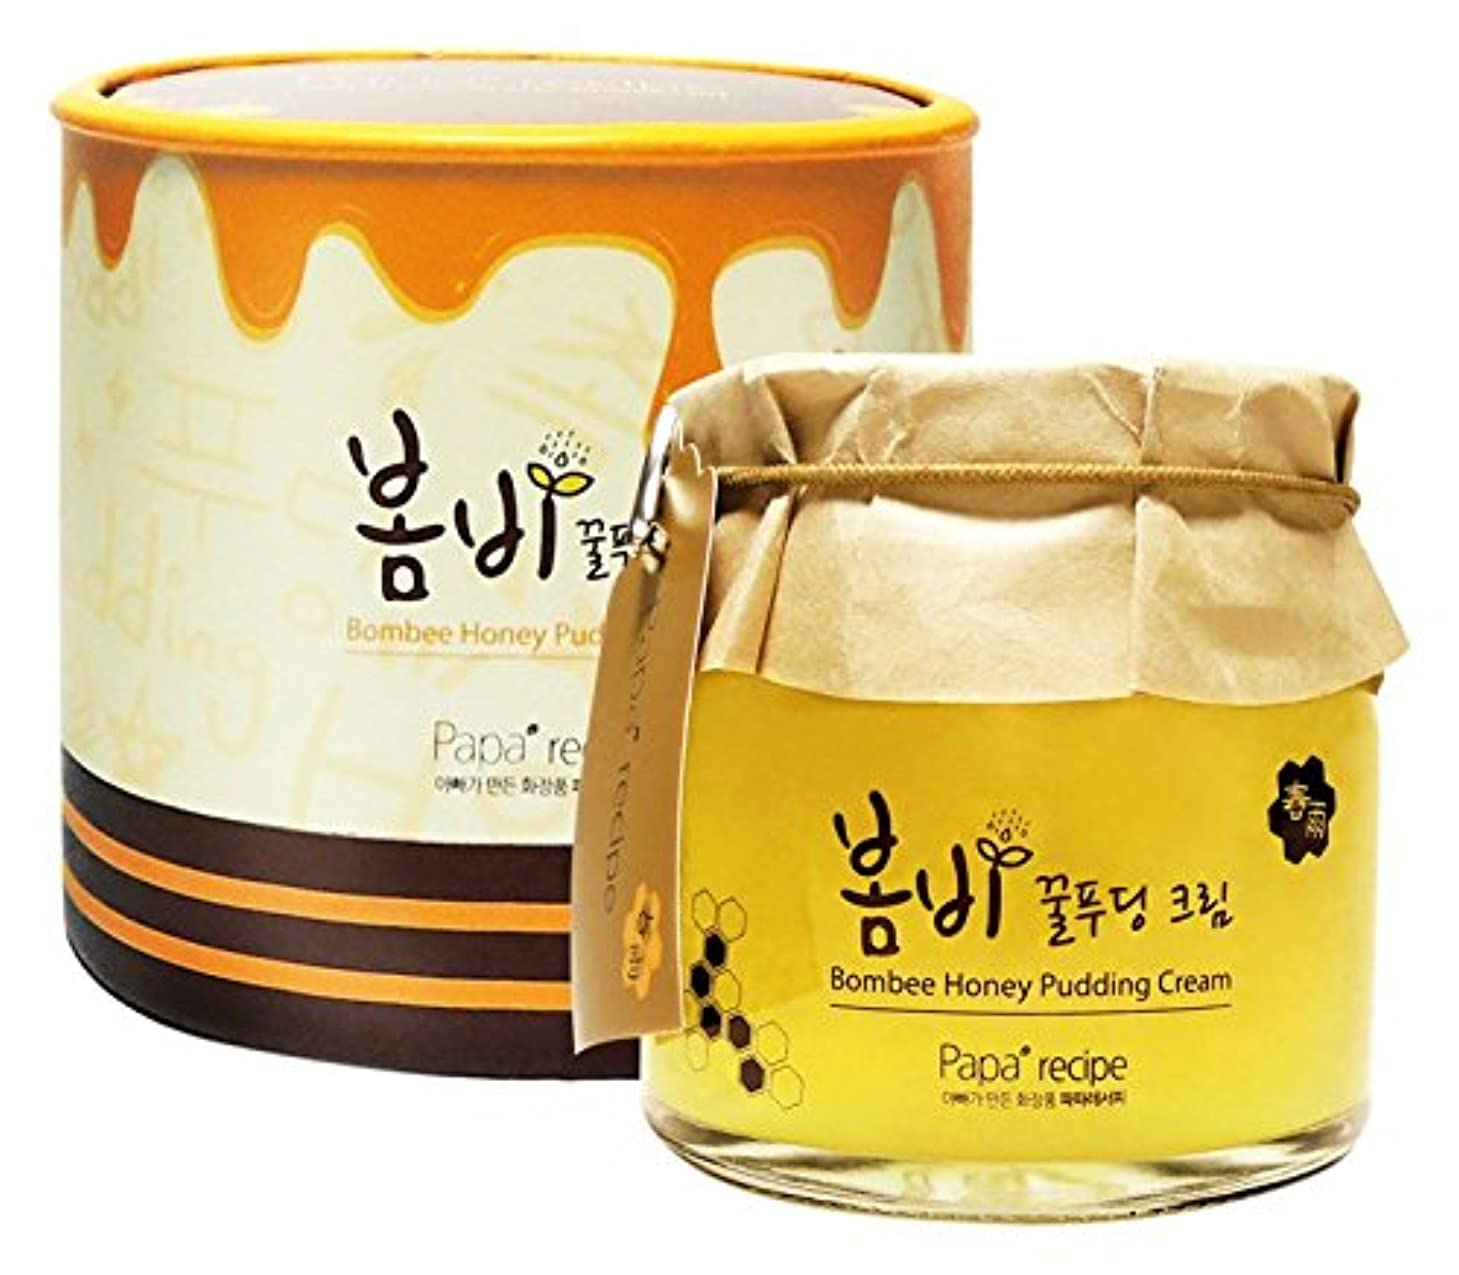 精査する最大限がんばり続けるPapa recipe Bombee Honey Pudding Cream 135ml/パパレシピ ボムビー ハニー プリン クリーム 135ml